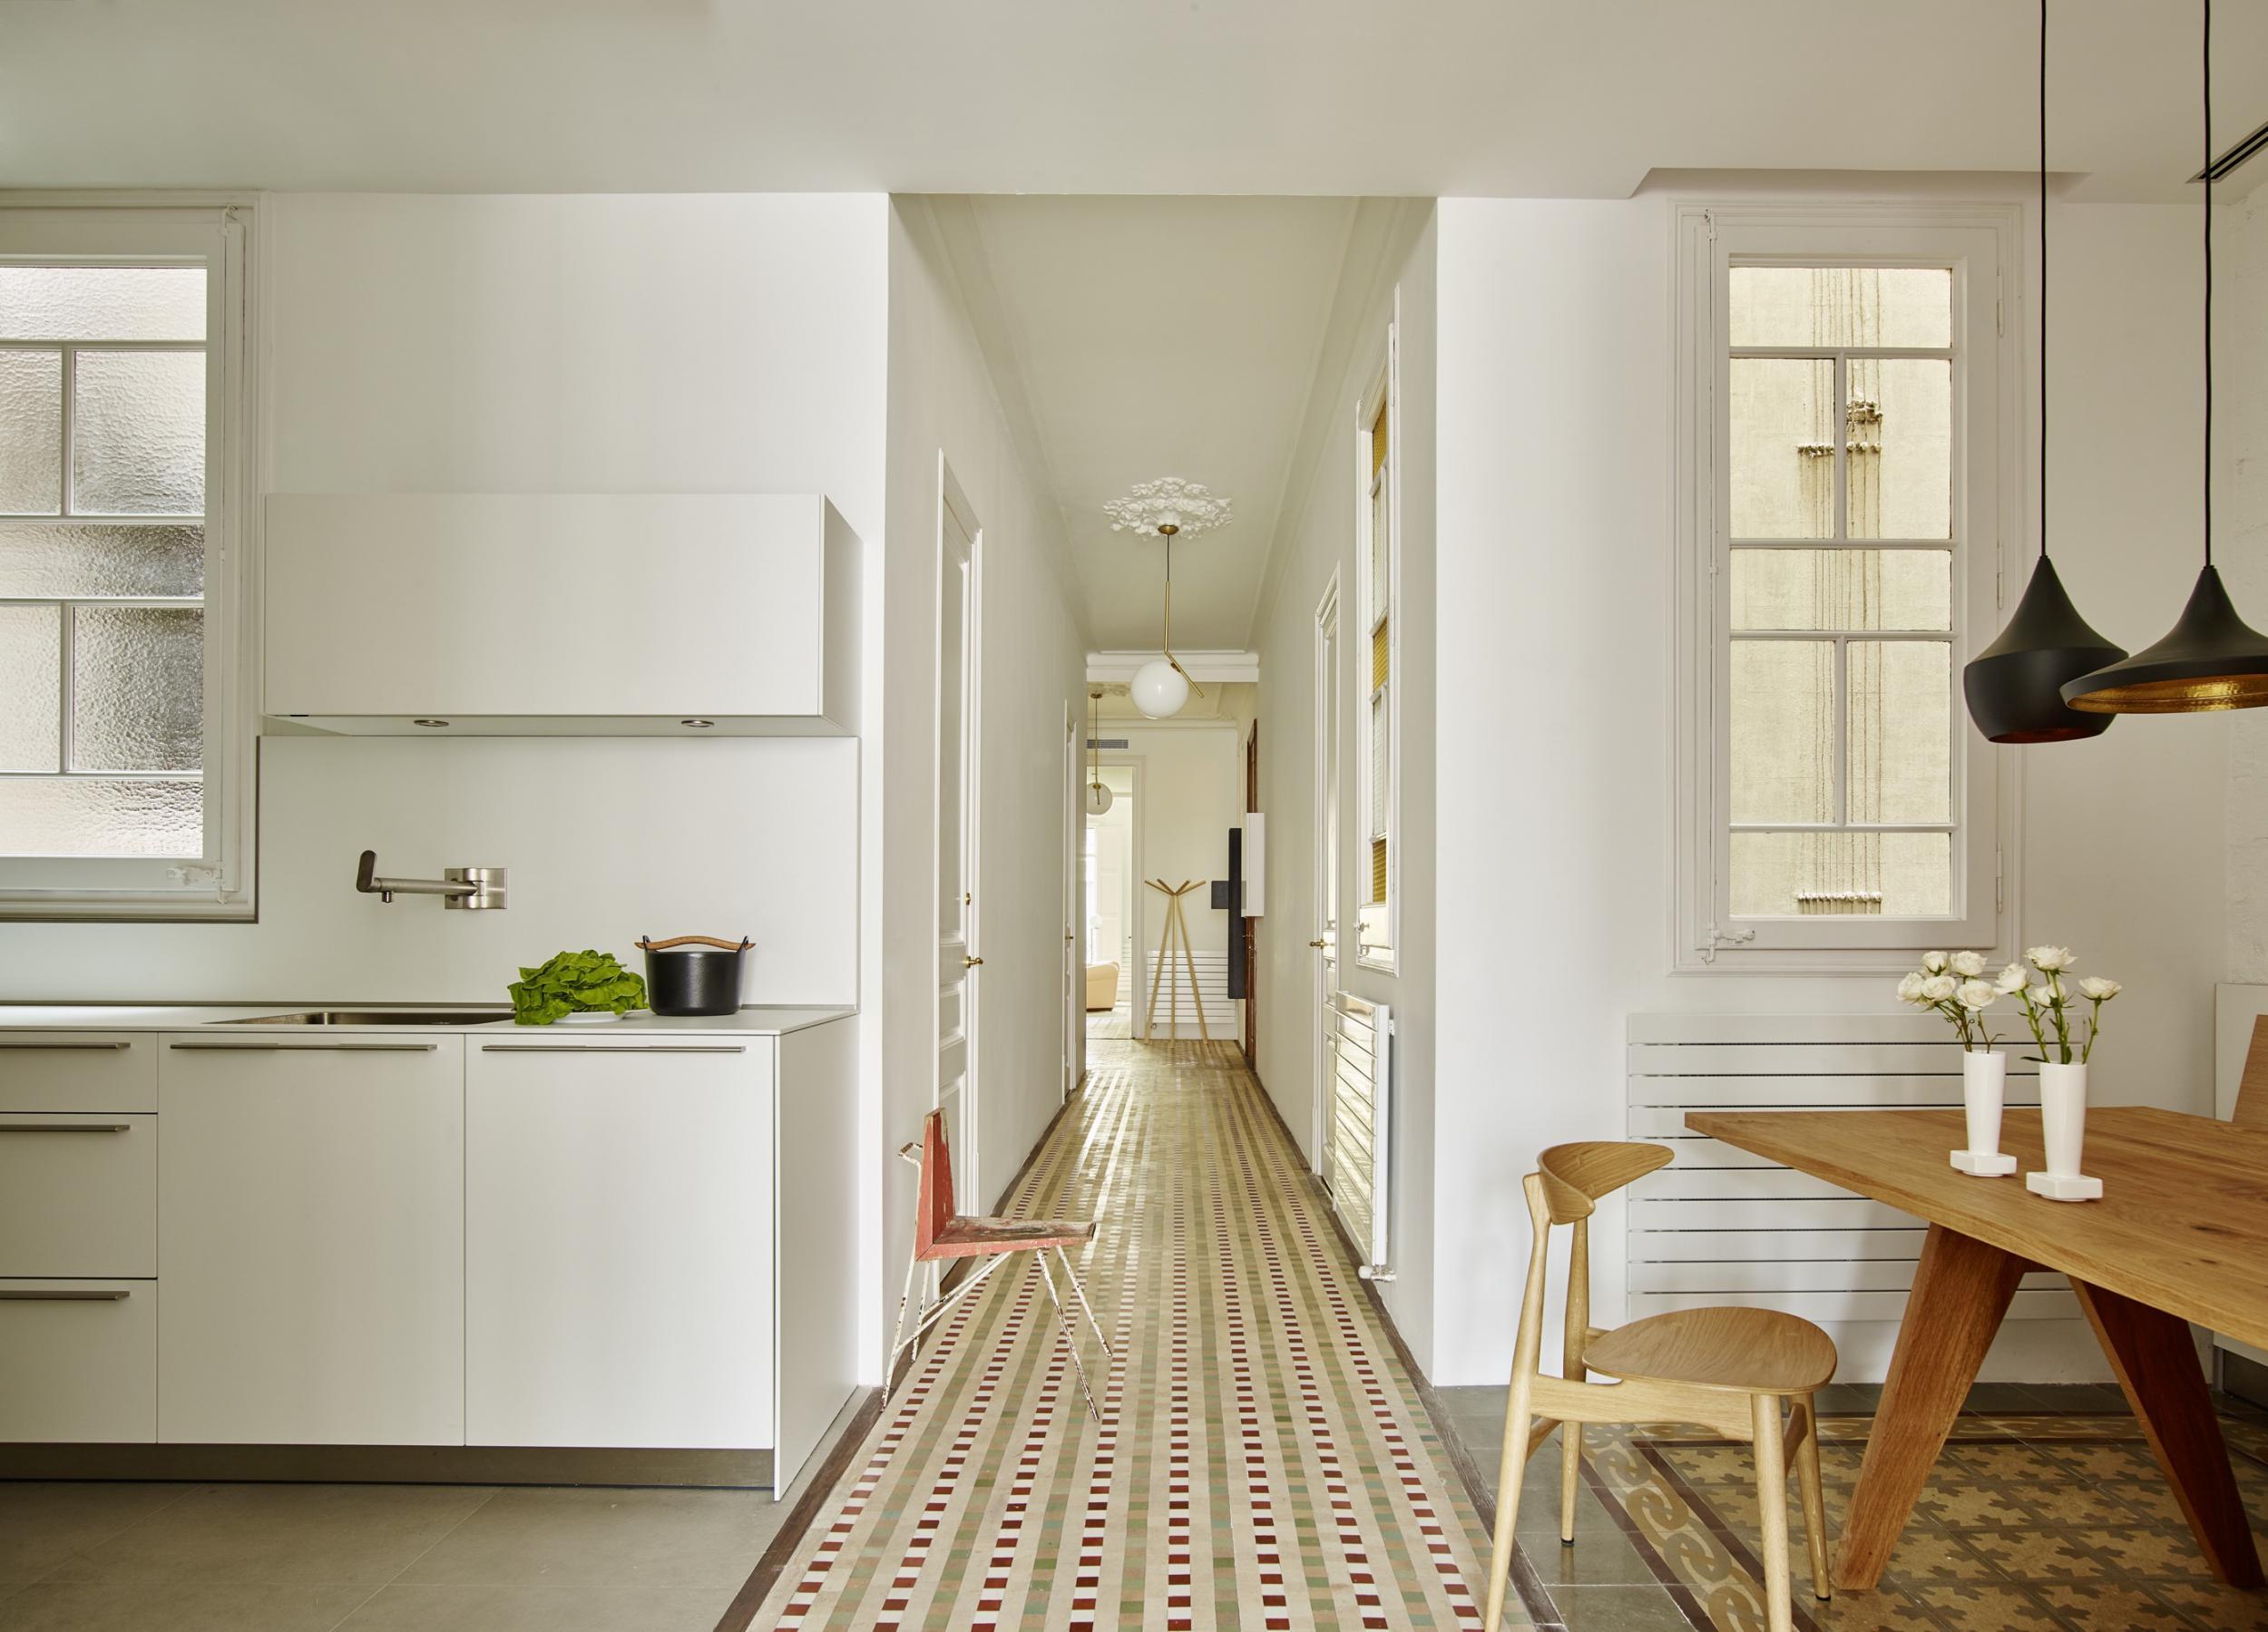 Restauraci n de un piso modernista en el ensanche vilablanch estudio de arquitectura interior - Pisos eixample ...